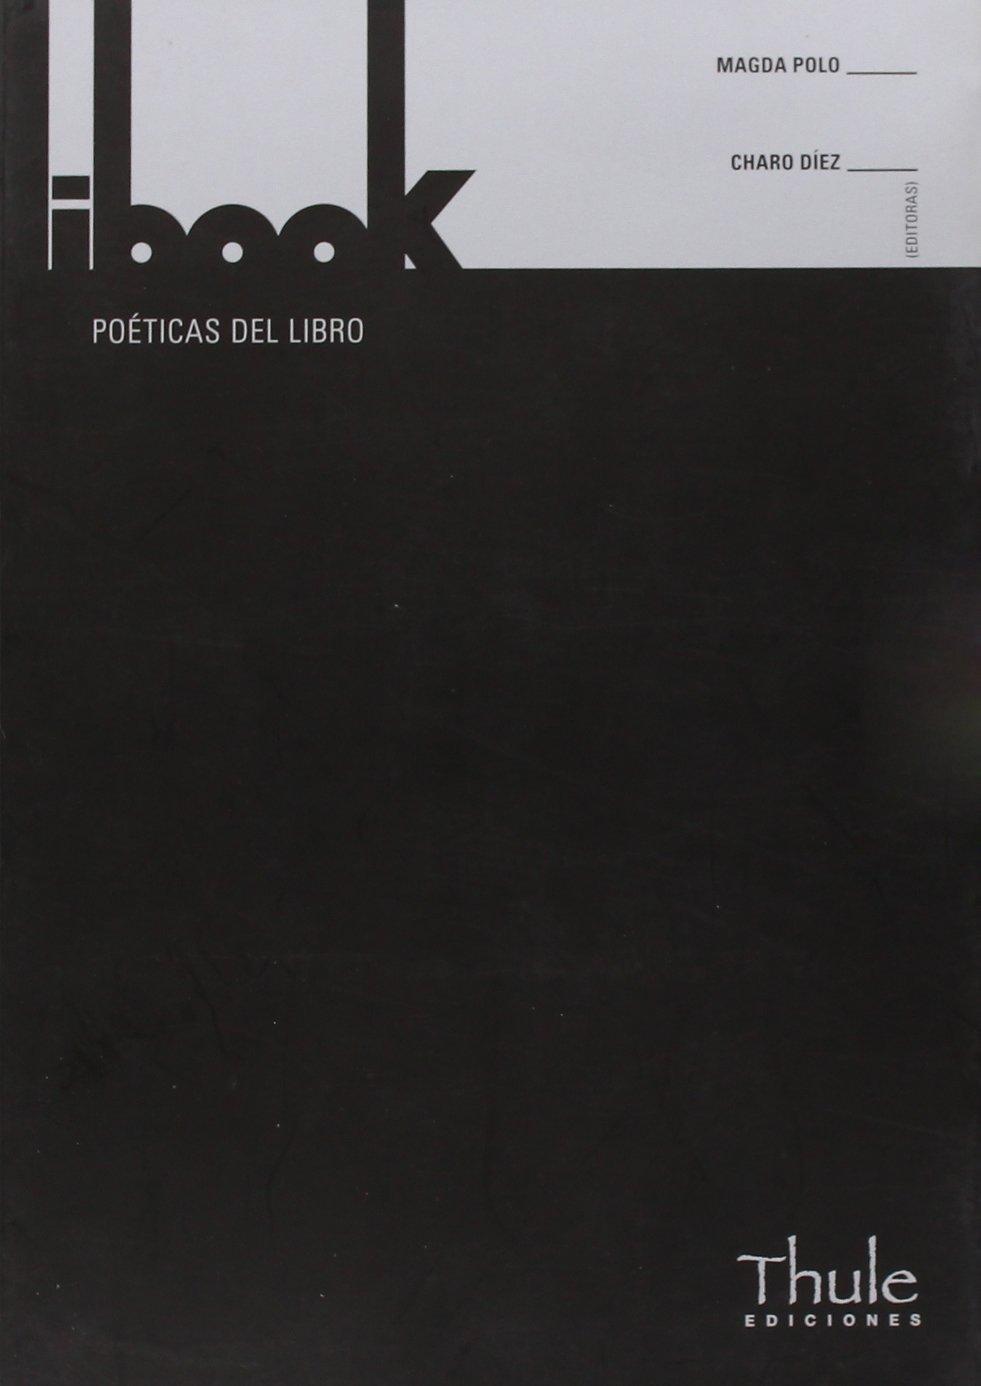 Libook (Fuera de Órbita): Amazon.es: Magda Polo, Charo Díez: Libros